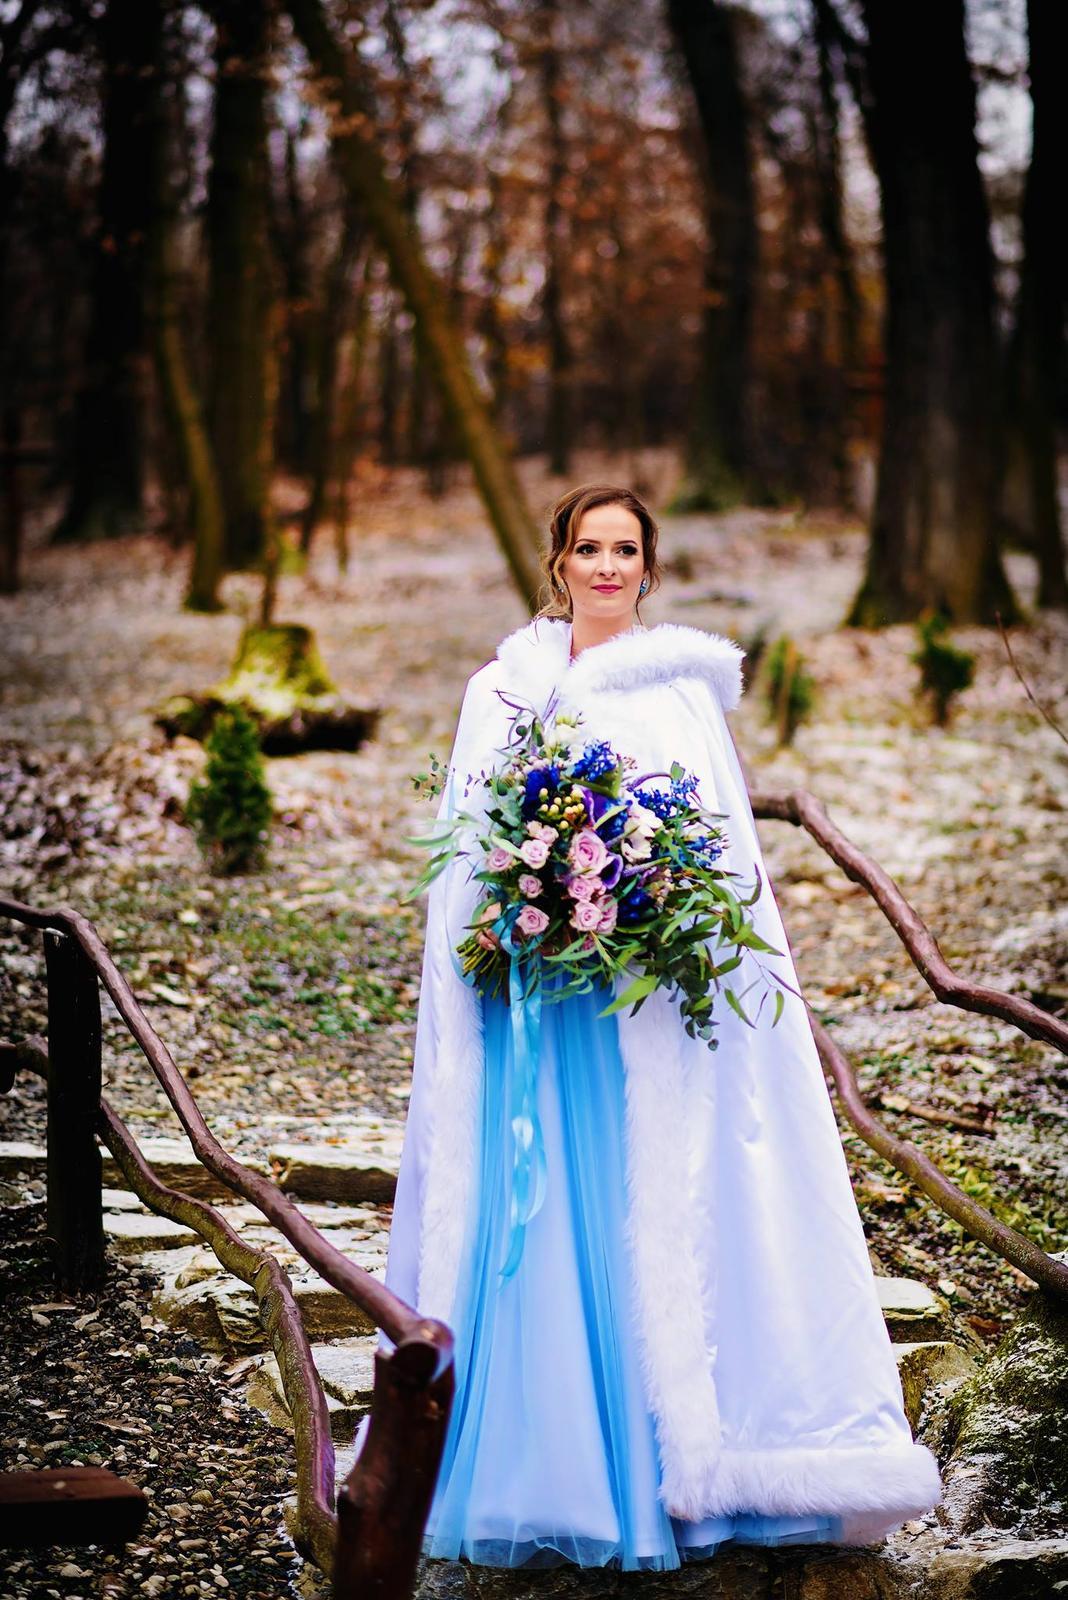 Moje svadobné fotografie - Obrázok č. 3